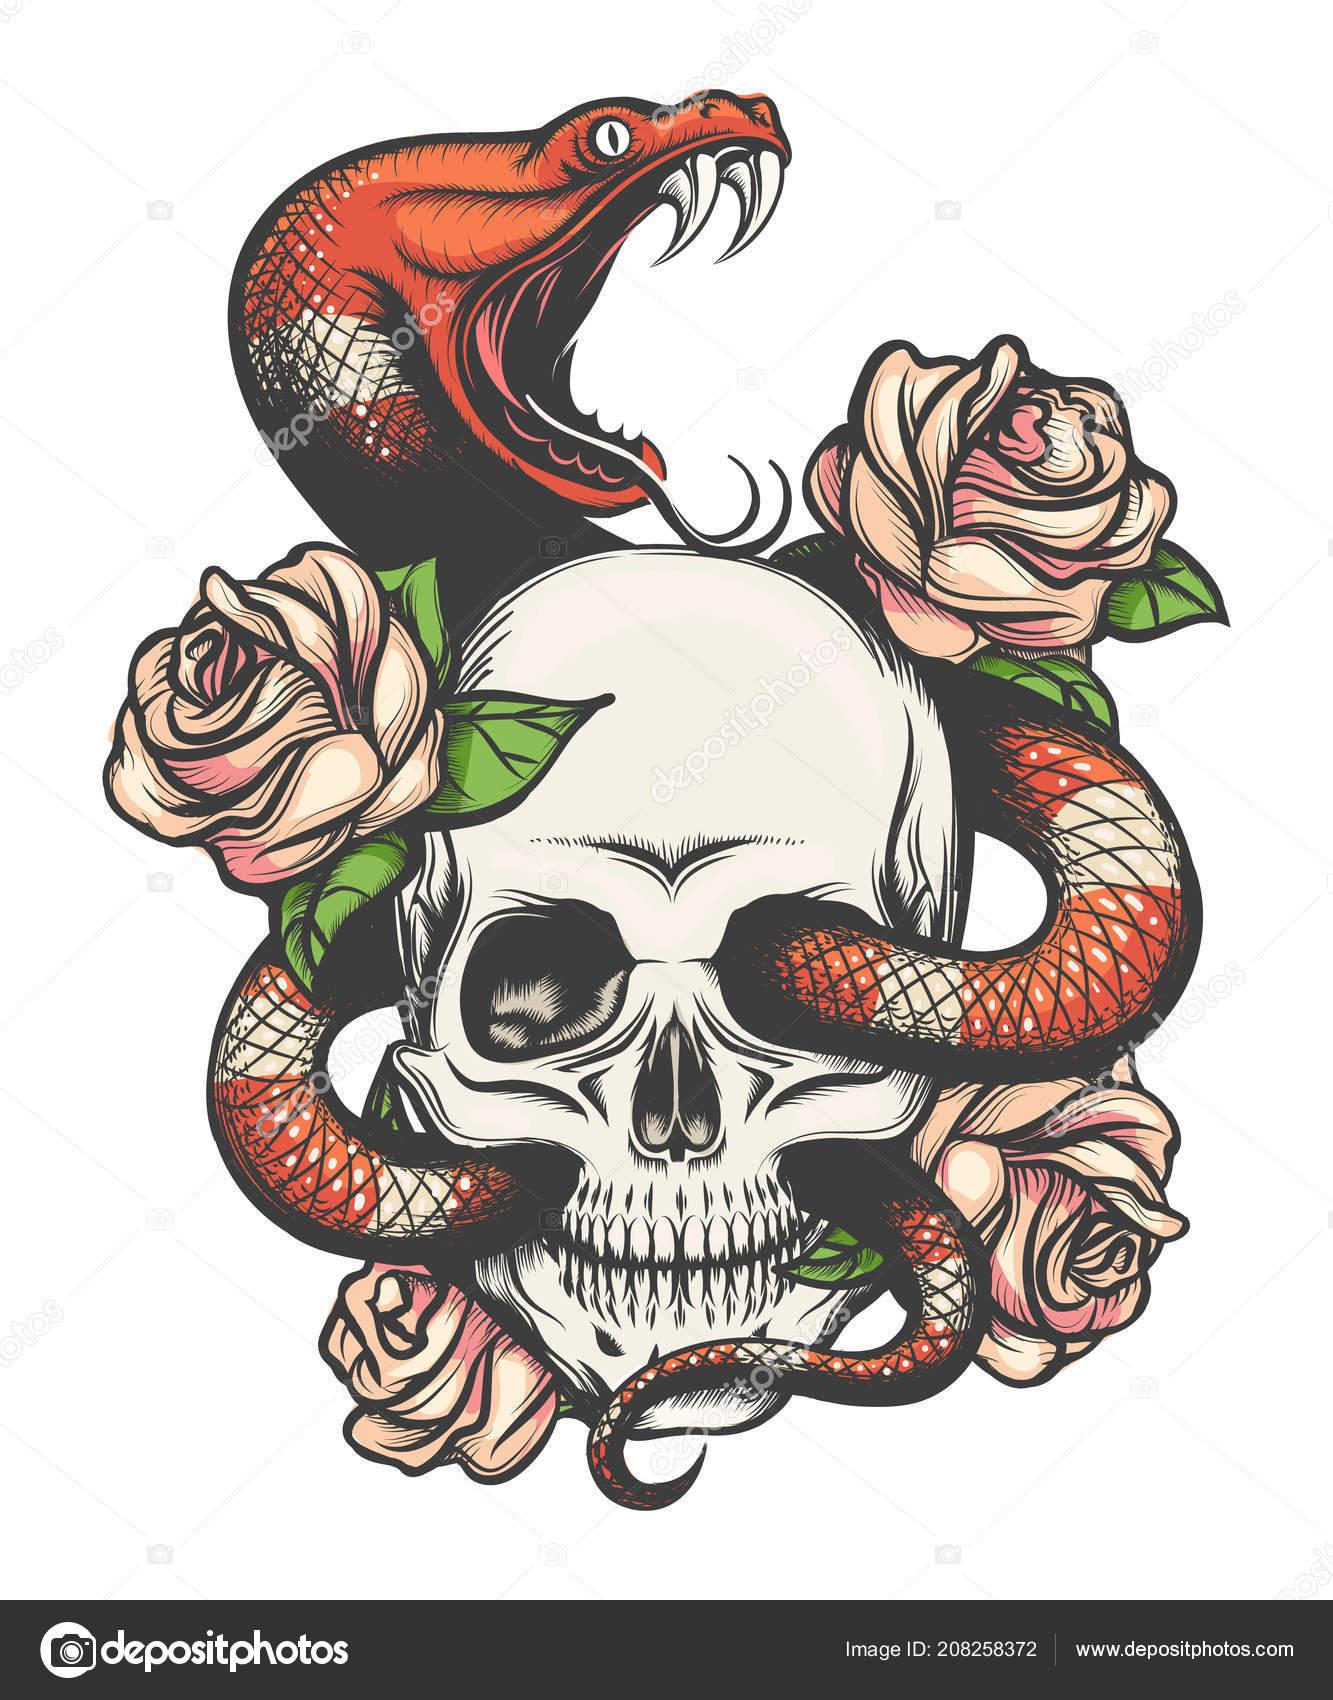 Colorido Diseño Tatuaje Con Calavera Rosas Serpiente Ilustración